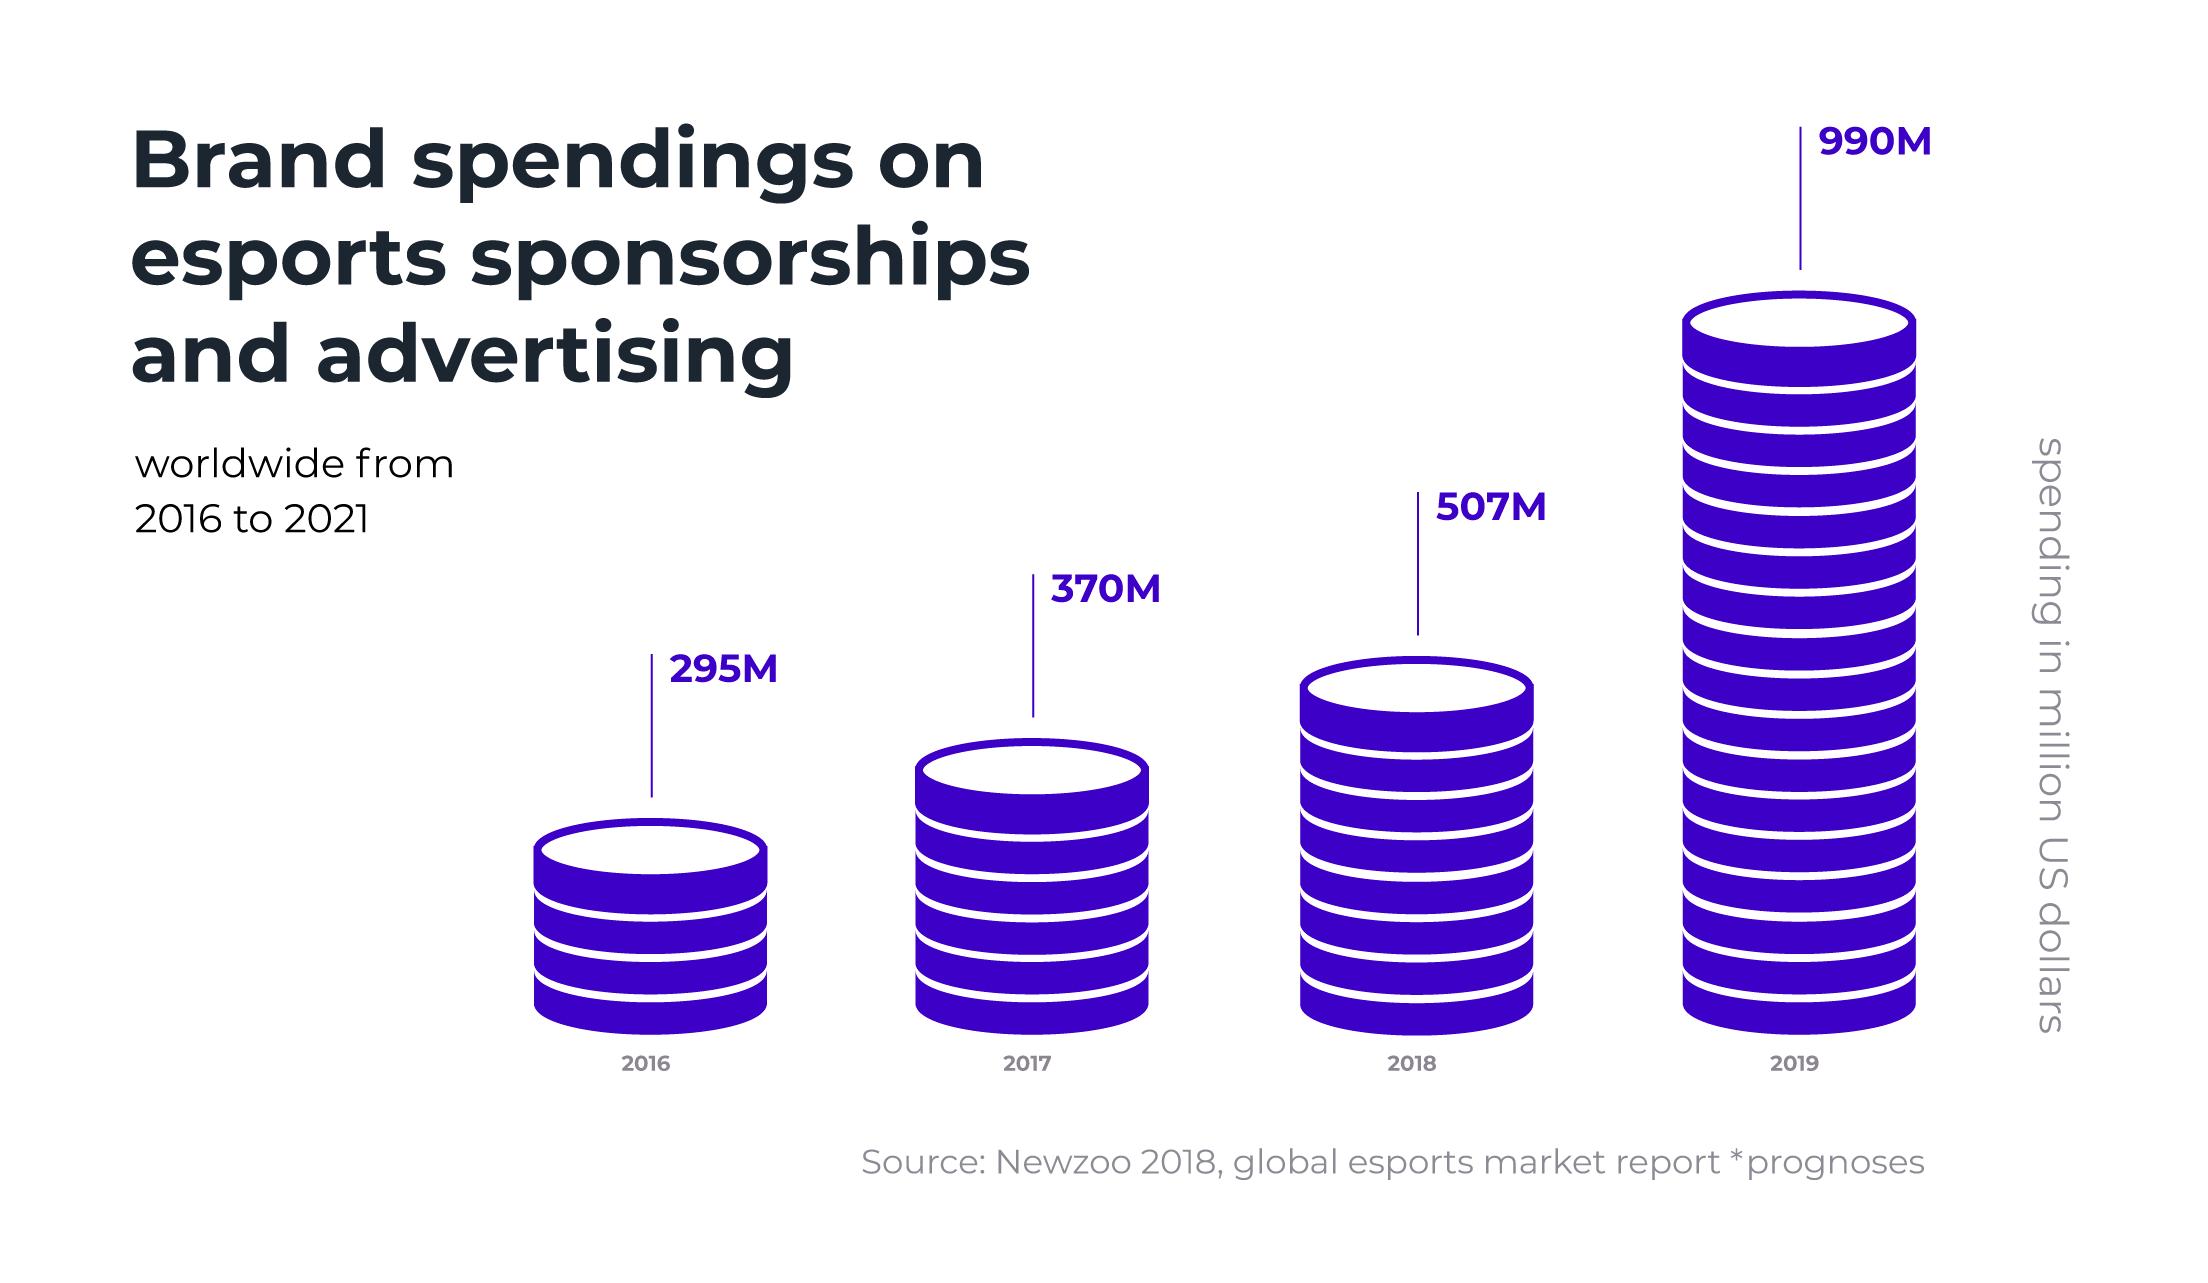 Brand spendings on E-sports sponsorship and advertising